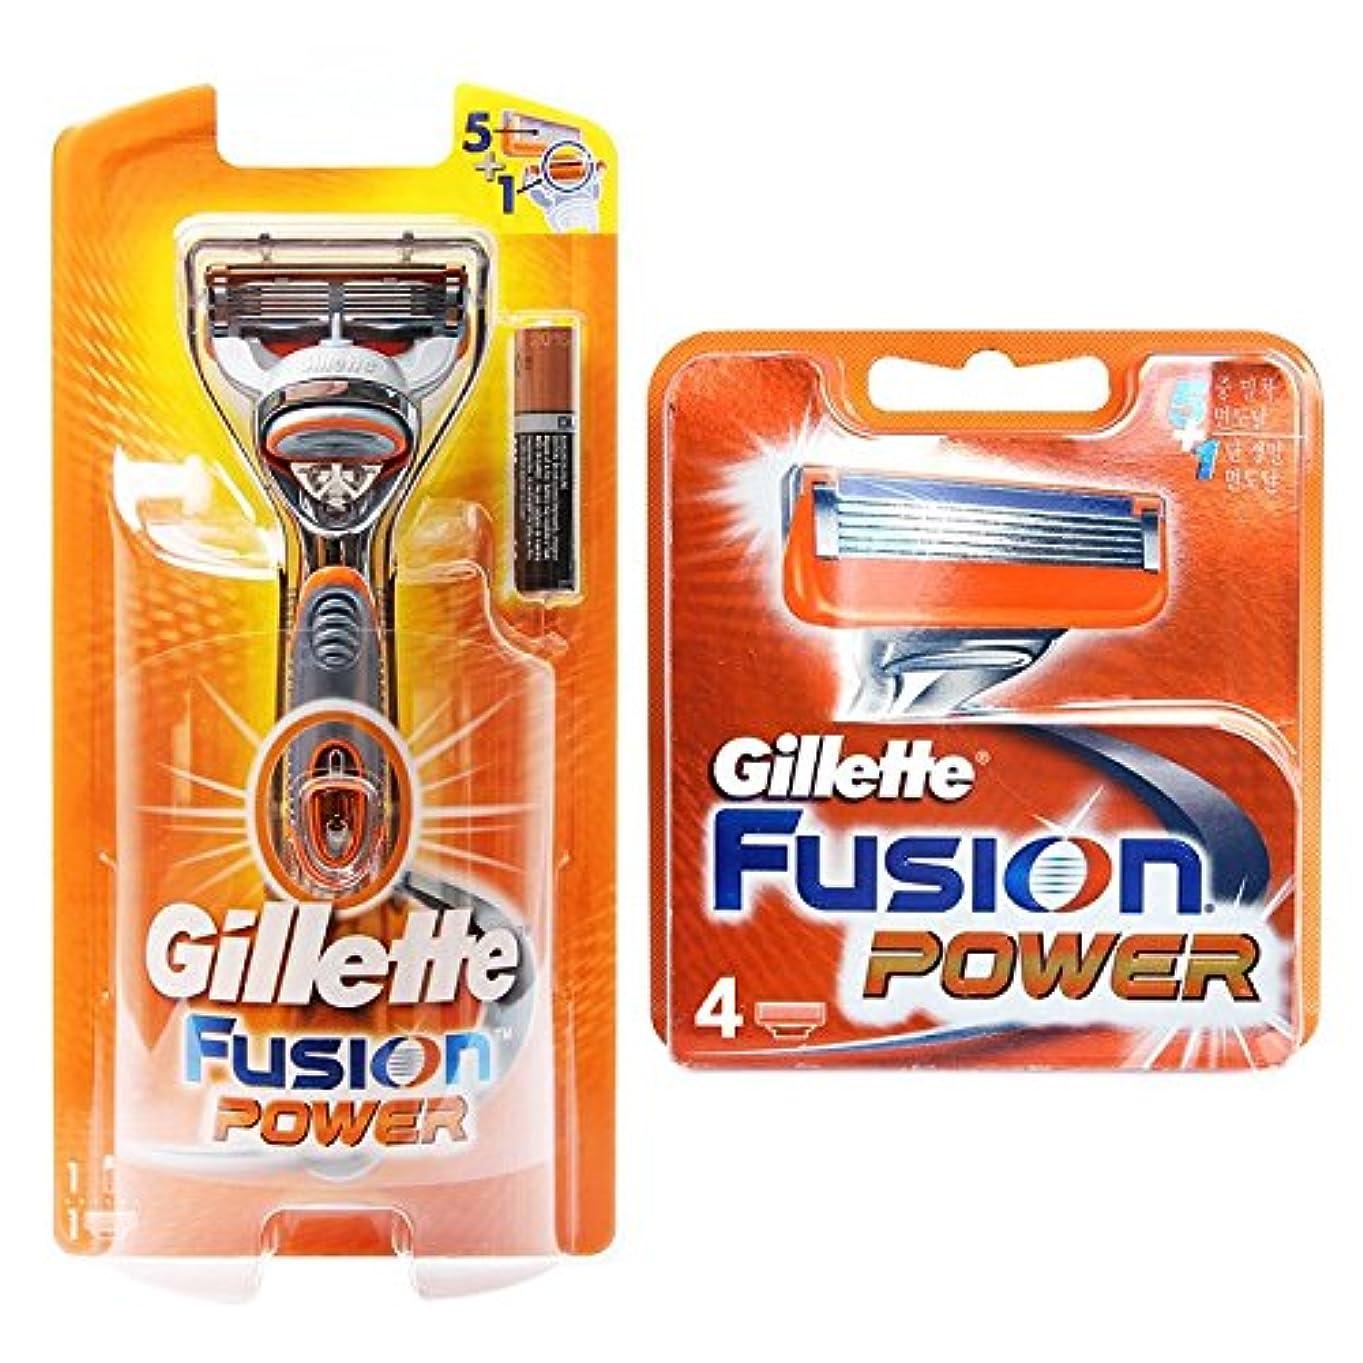 暗くする束ねるジェームズダイソンGillette Fusion Power 1レイザー+4カートリッジリフィルブレイド [並行輸入品]